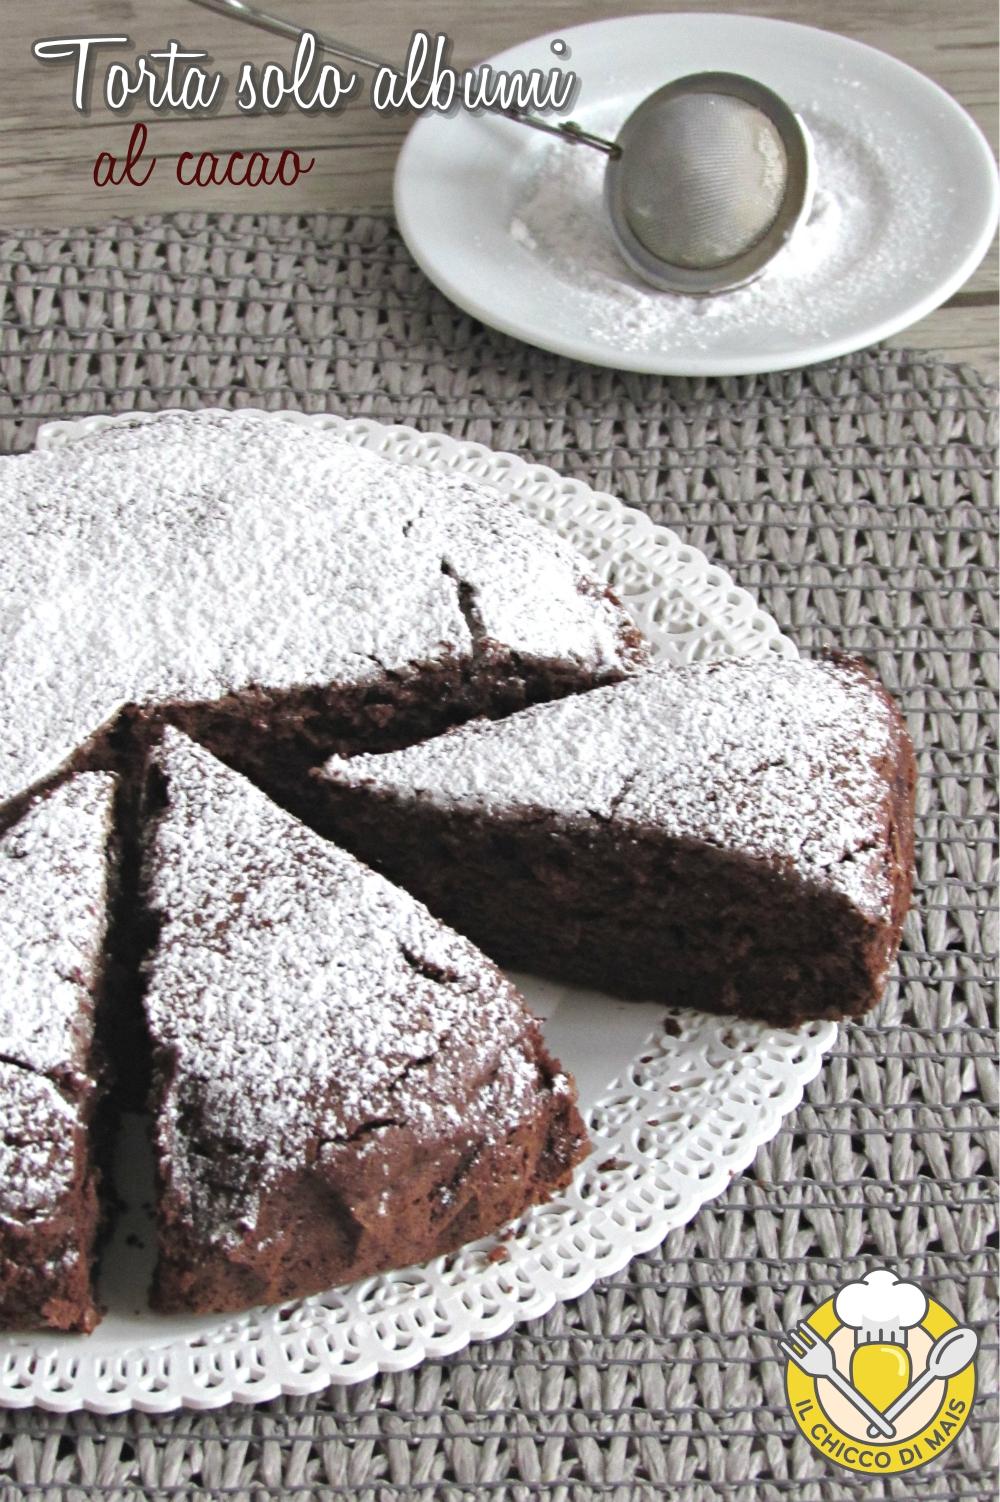 v_ torta solo albumi al cacao ricetta dolce soffice per usare albumi avanzati il chicco di mais